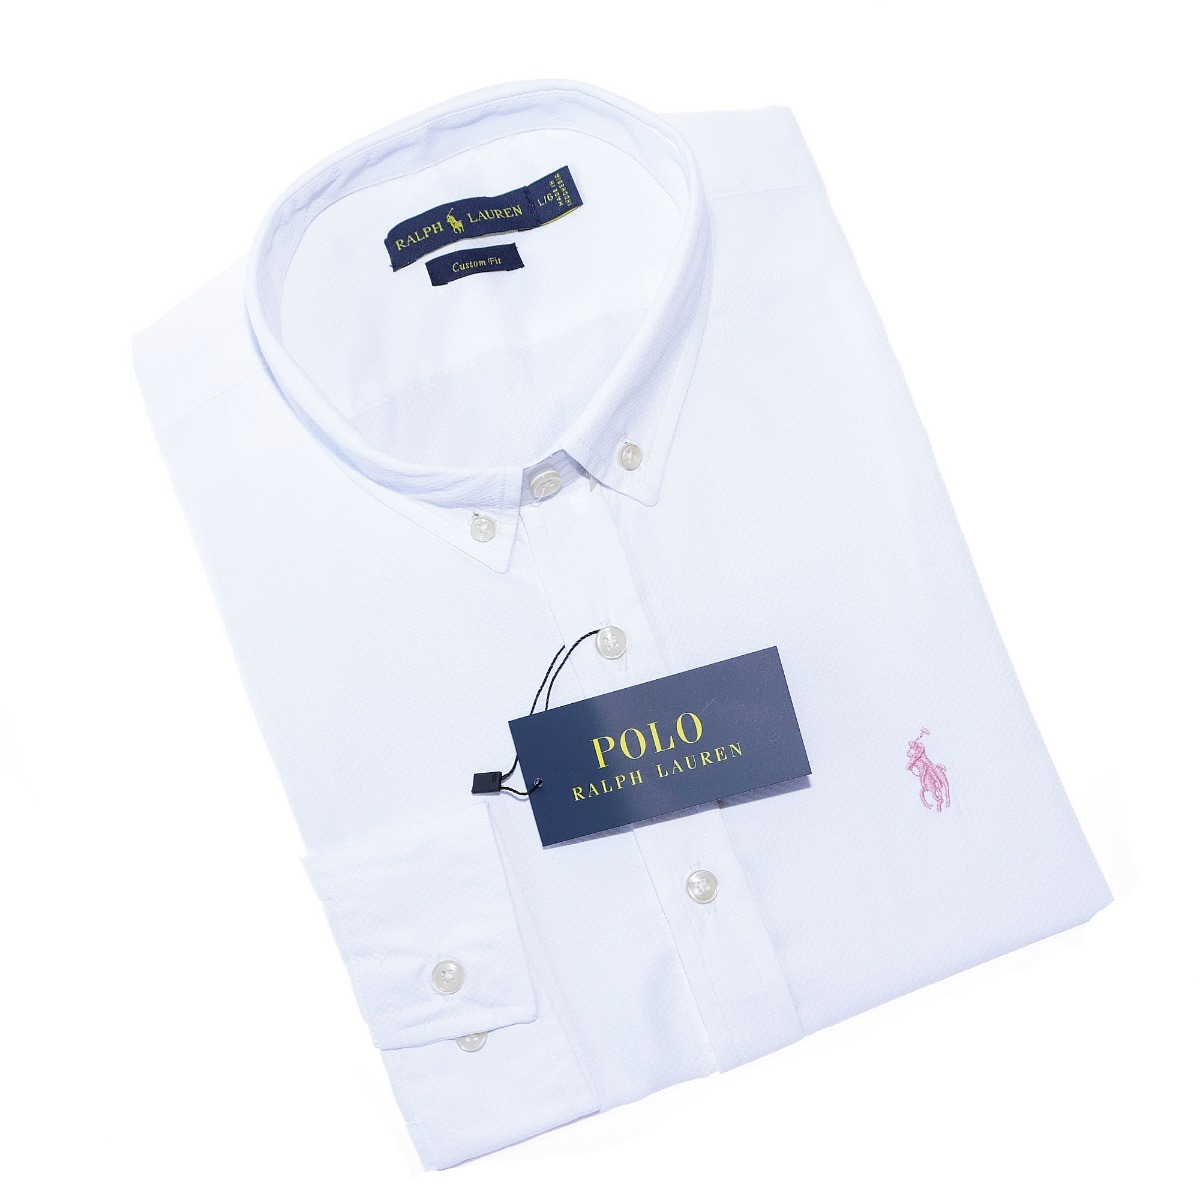 ... camisa social ralph lauren cfit branca texturizada original. Carregando  zoom. 8d801bc433f93